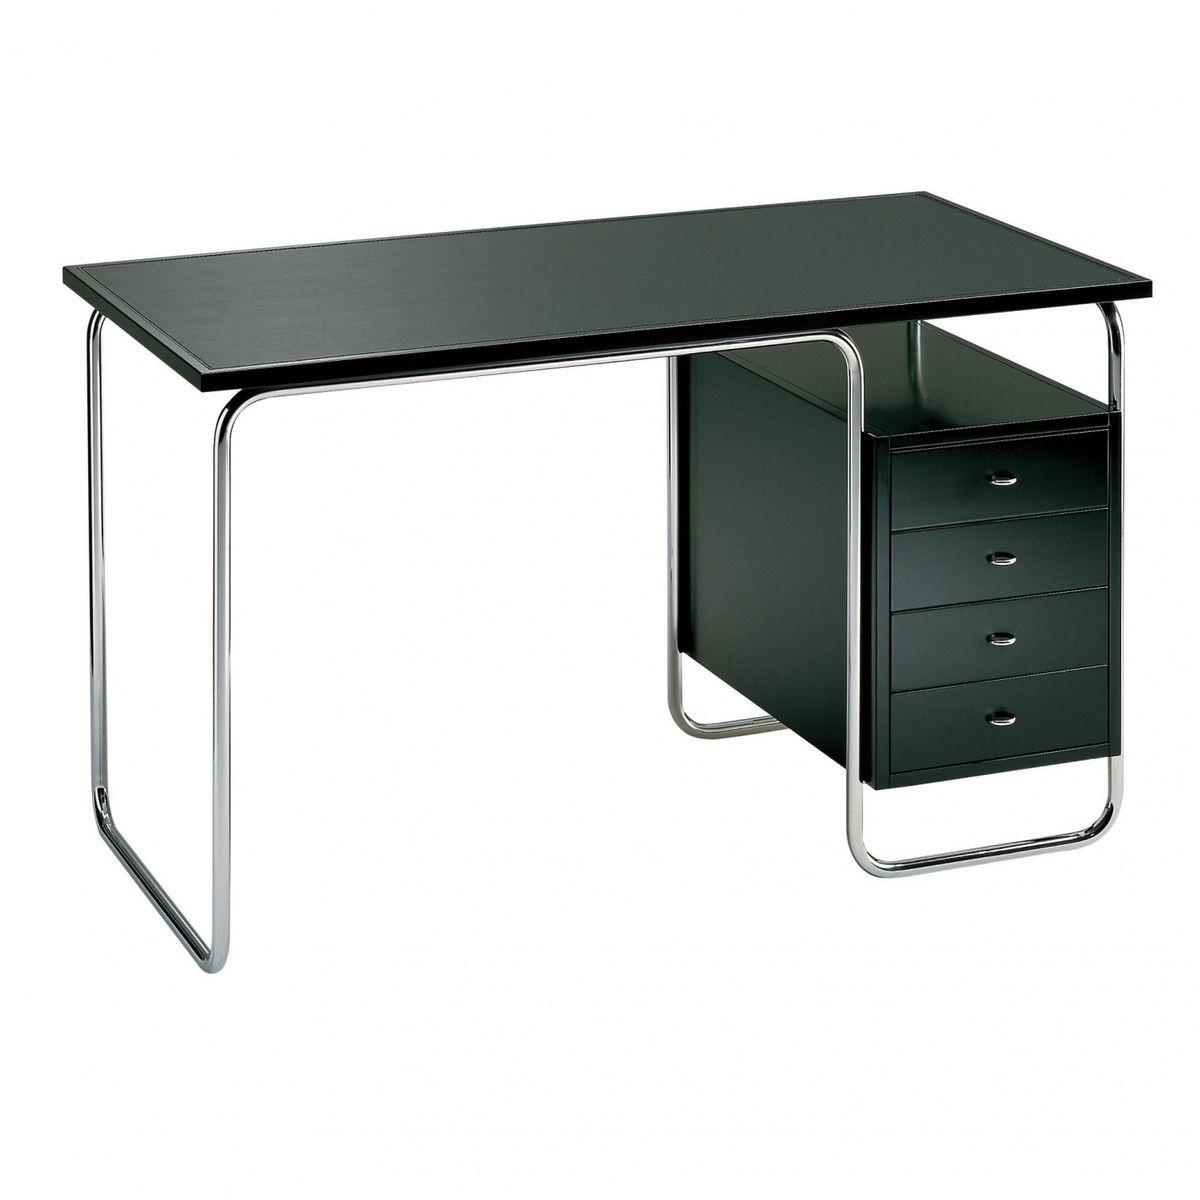 Eckschreibtisch schwarz  Comacina Schreibtisch | Zanotta | AmbienteDirect.com